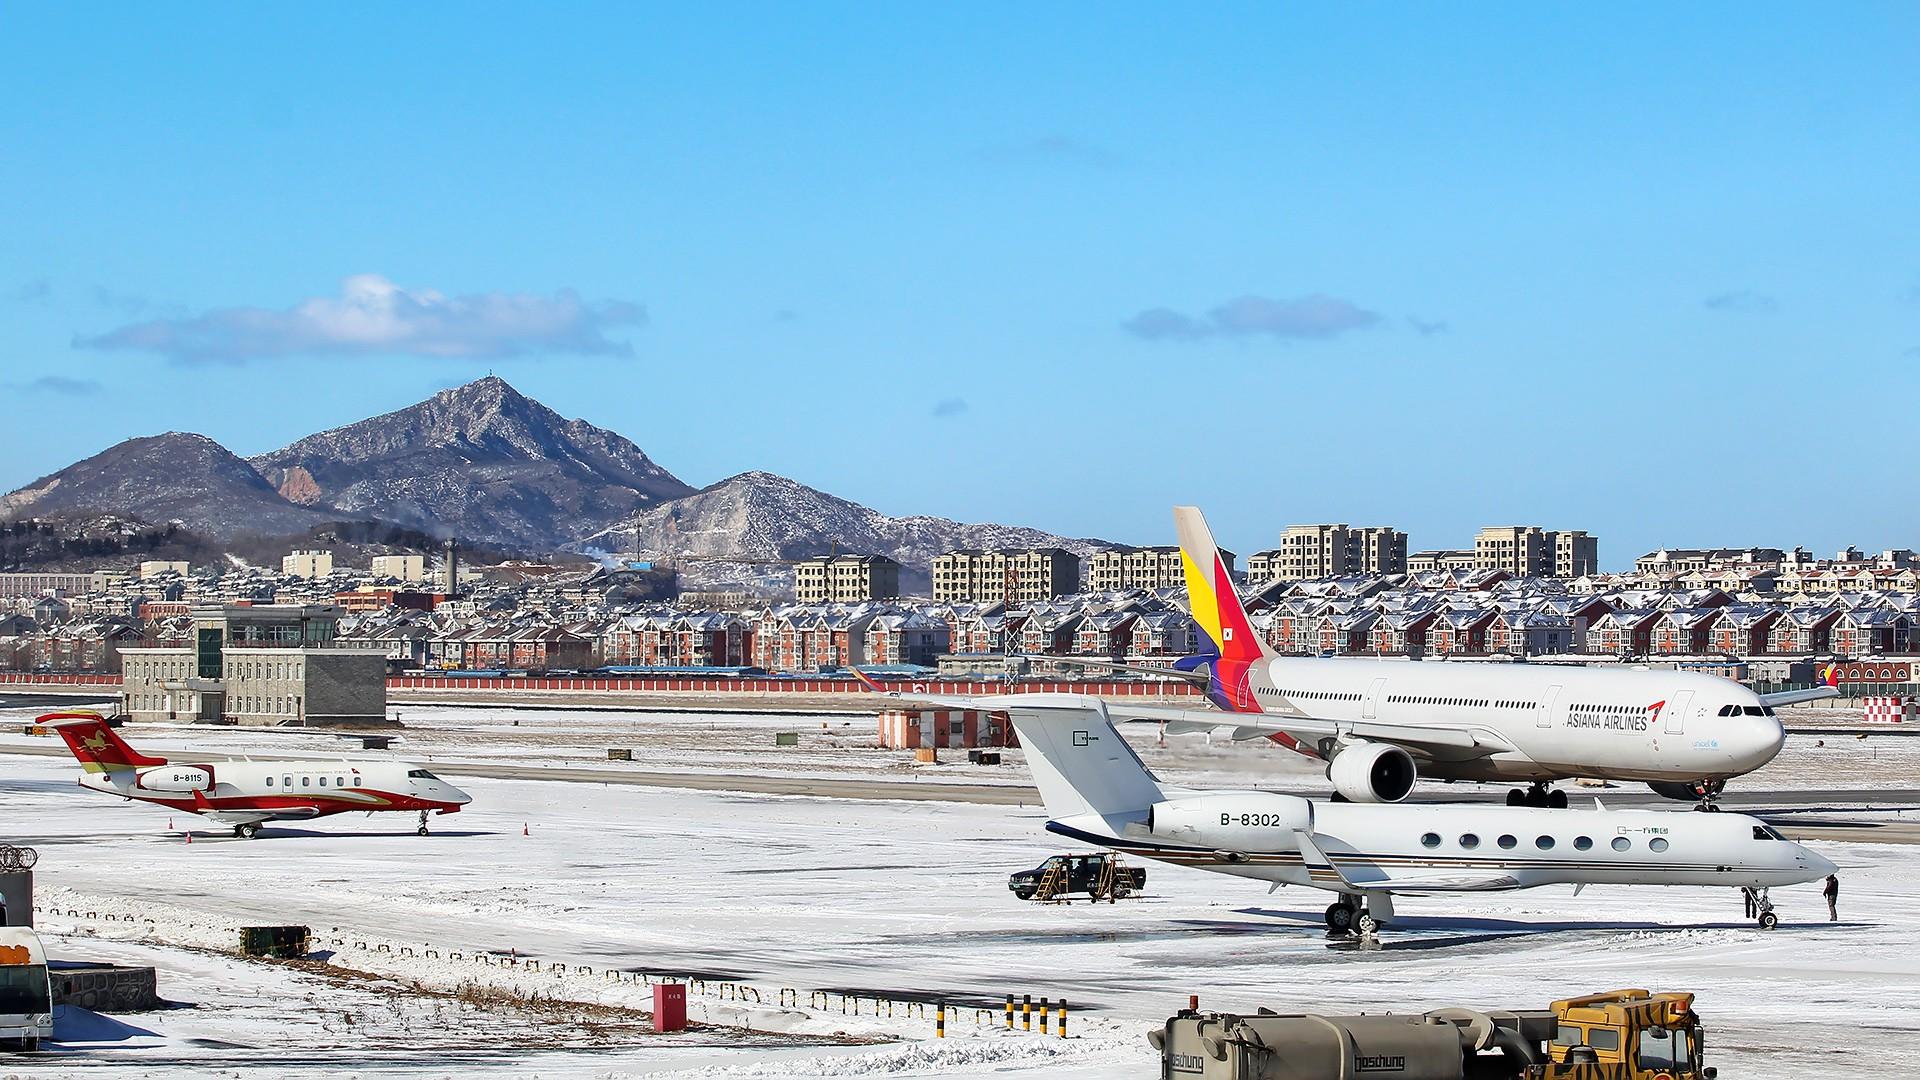 [原创][原创][DLC]。。。DLC雪。。。    中国大连国际机场